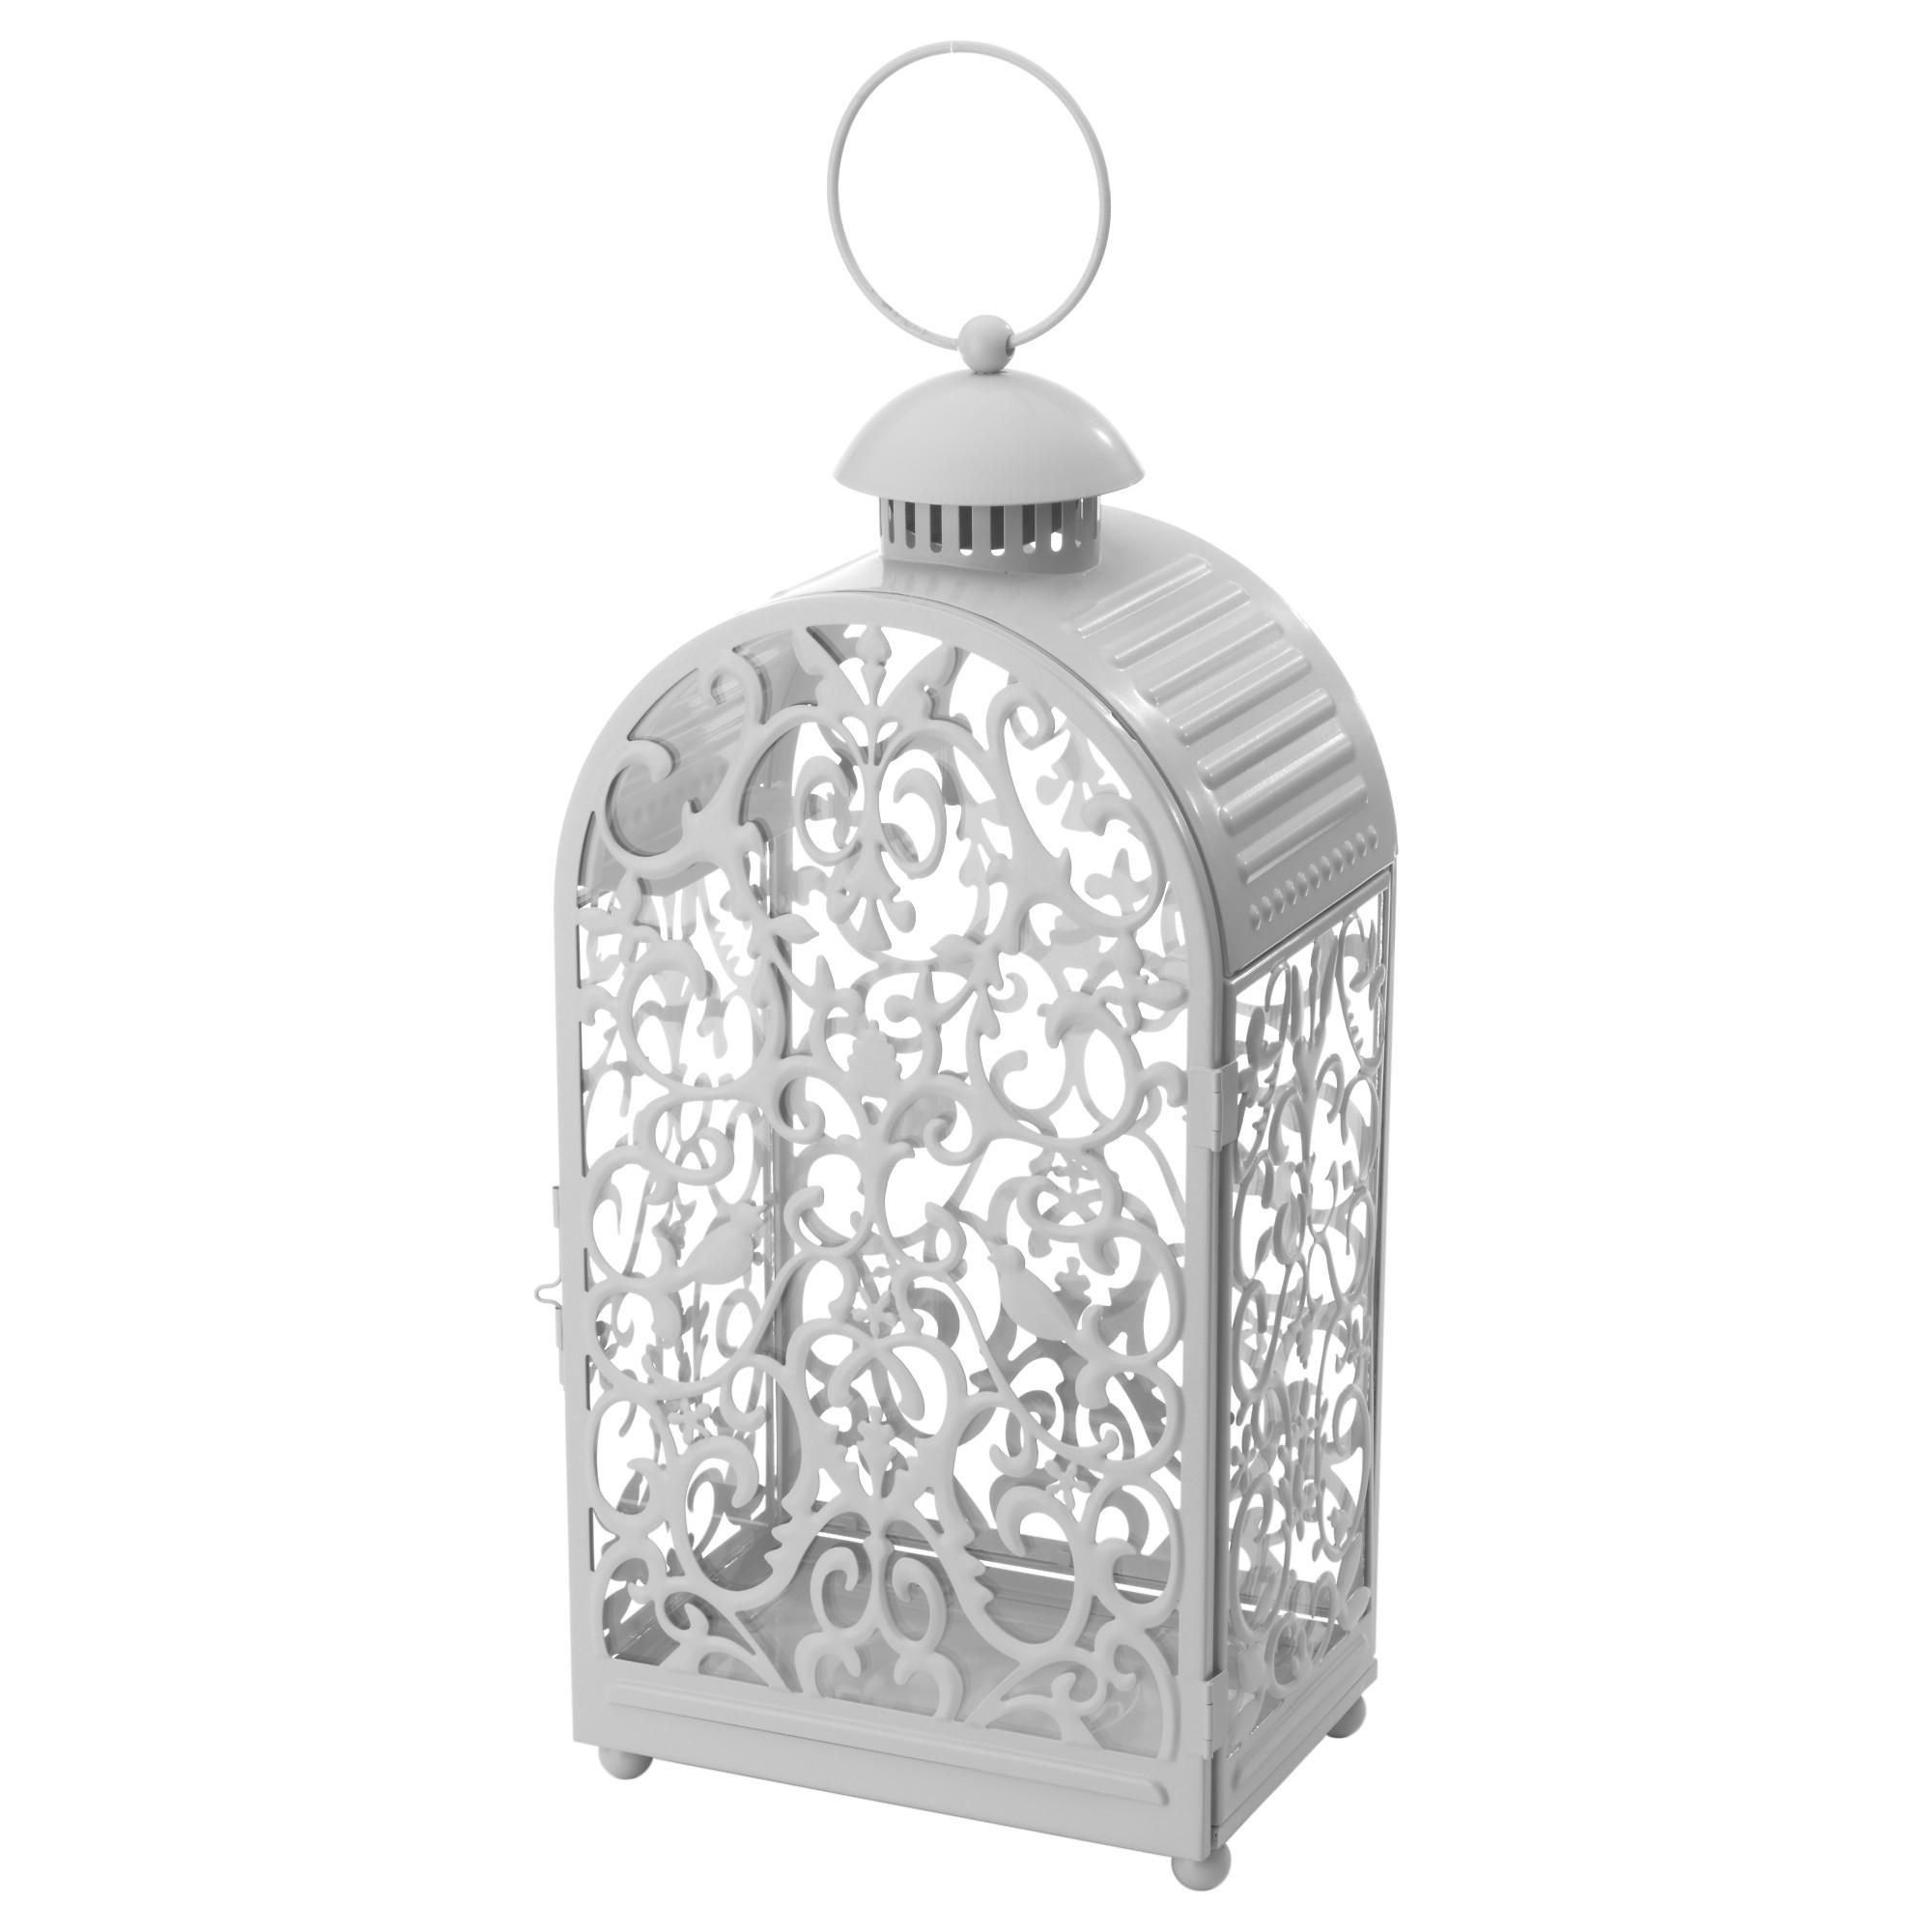 купить фонарь для формовой свечи готтгёра ддомаулицы серый в Ikea